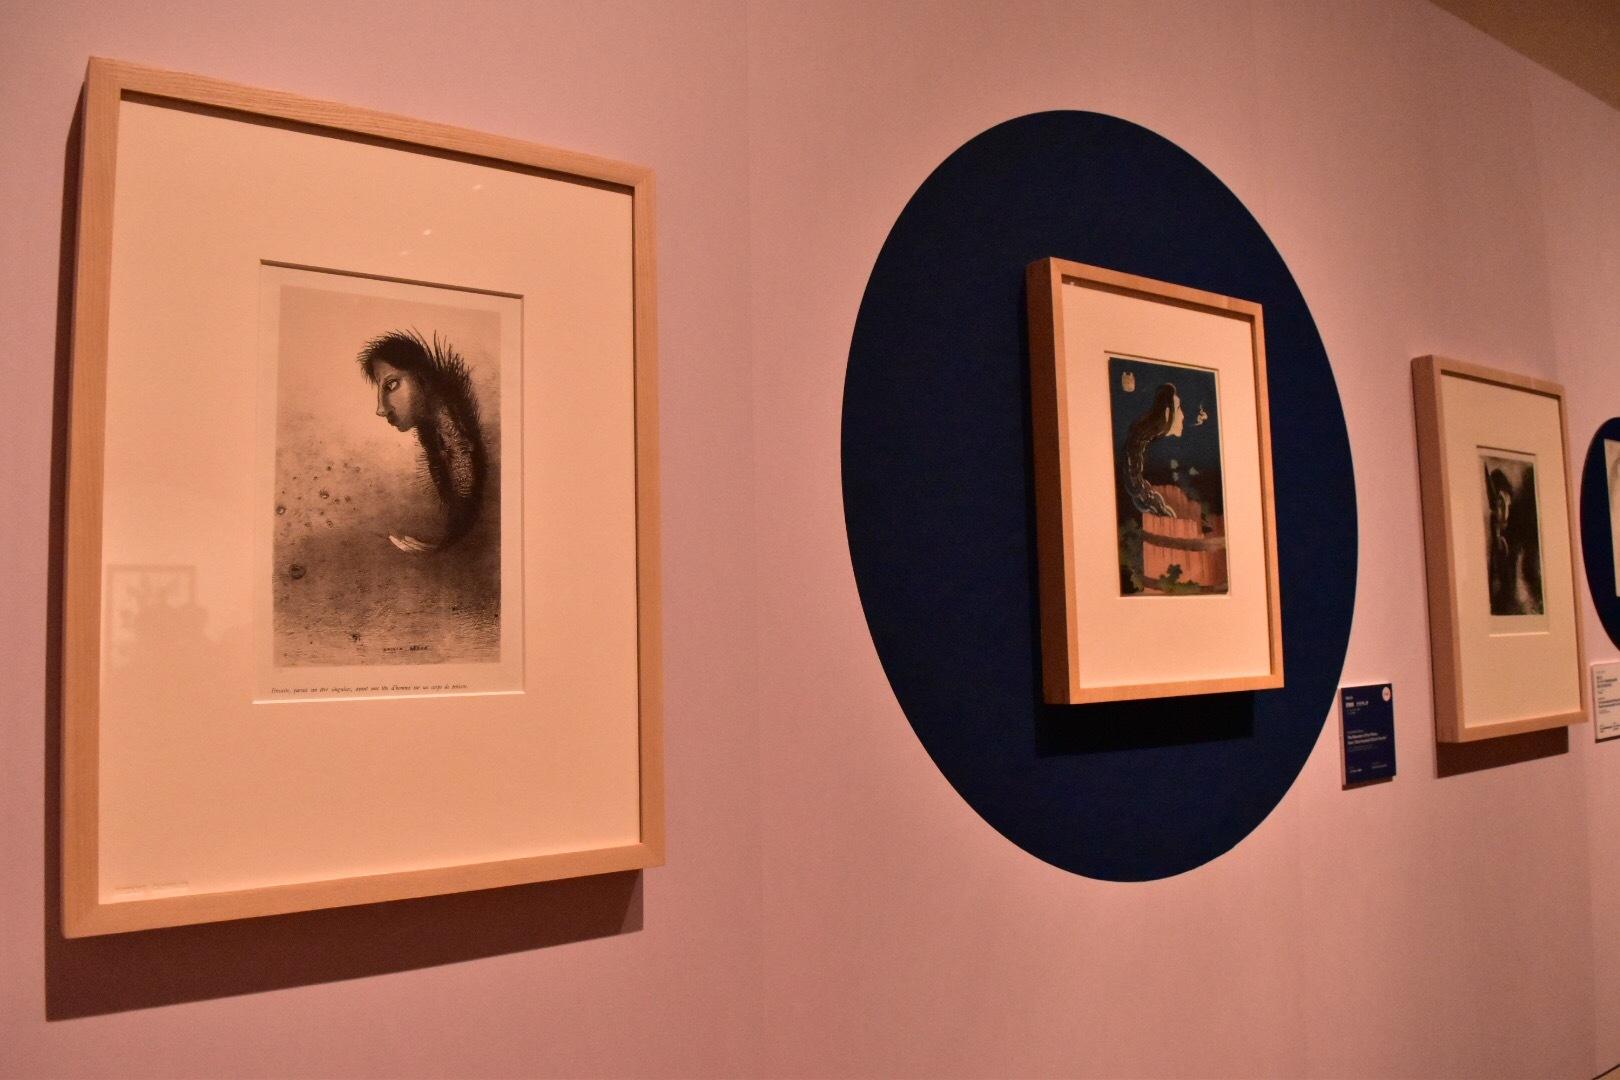 左:オディロン・ルドン 「聖アントワーヌの誘惑」第一集より《Ⅴ.それから魚の体に人間の頭を持った奇妙なものが現れる》1888年 国立西洋美術館 右奥:葛飾北斎《百物語 さらやしき》1831(天保2)年頃 ミネアポリス美術館